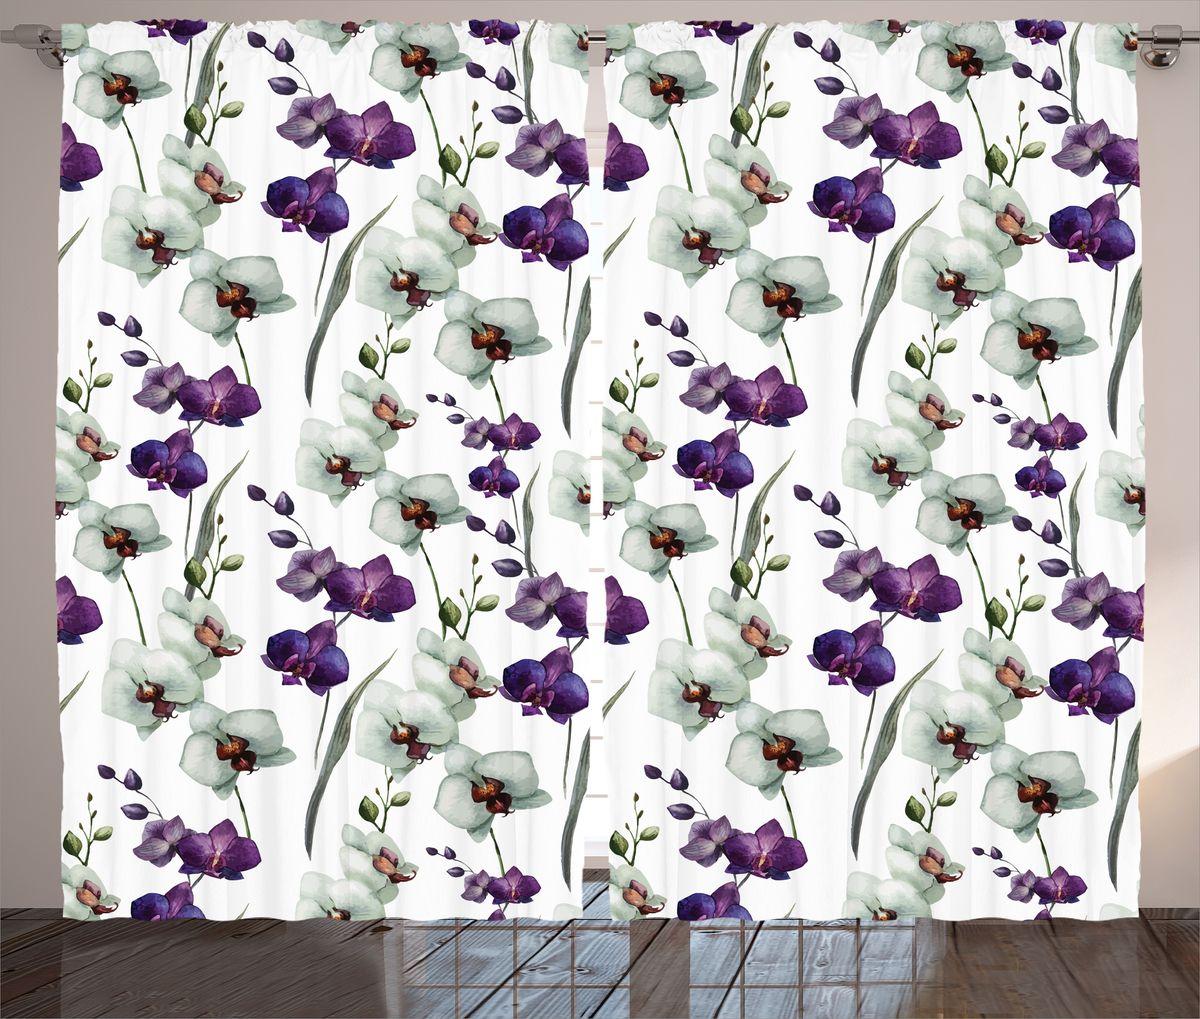 Комплект фотоштор Magic Lady Акварельные орхидеи, на ленте, высота 265 см. шсг_13887шсг_13887Компания Сэмболь изготавливает шторы из высококачественного сатена (полиэстер 100%). При изготовлении используются специальные гипоаллергенные чернила для прямой печати по ткани, безопасные для человека и животных. Экологичность продукции Magic lady и безопасность для окружающей среды подтверждены сертификатом Oeko-Tex Standard 100. Крепление: крючки для крепления на шторной ленте (50 шт). Возможно крепление на трубу. Внимание! При нанесении сублимационной печати на ткань технологическим методом при температуре 240°С, возможно отклонение полученных размеров (указанных на этикетке и сайте) от стандартных на + - 3-5 см. Производитель старается максимально точно передать цвета изделия на фотографиях, однако искажения неизбежны и фактический цвет изделия может отличаться от воспринимаемого по фото. Обратите внимание! Шторы изготовлены из полиэстра сатенового переплетения, а не из сатина (хлопок). Размер одного полотна шторы: 145х265 см. В комплекте 2...